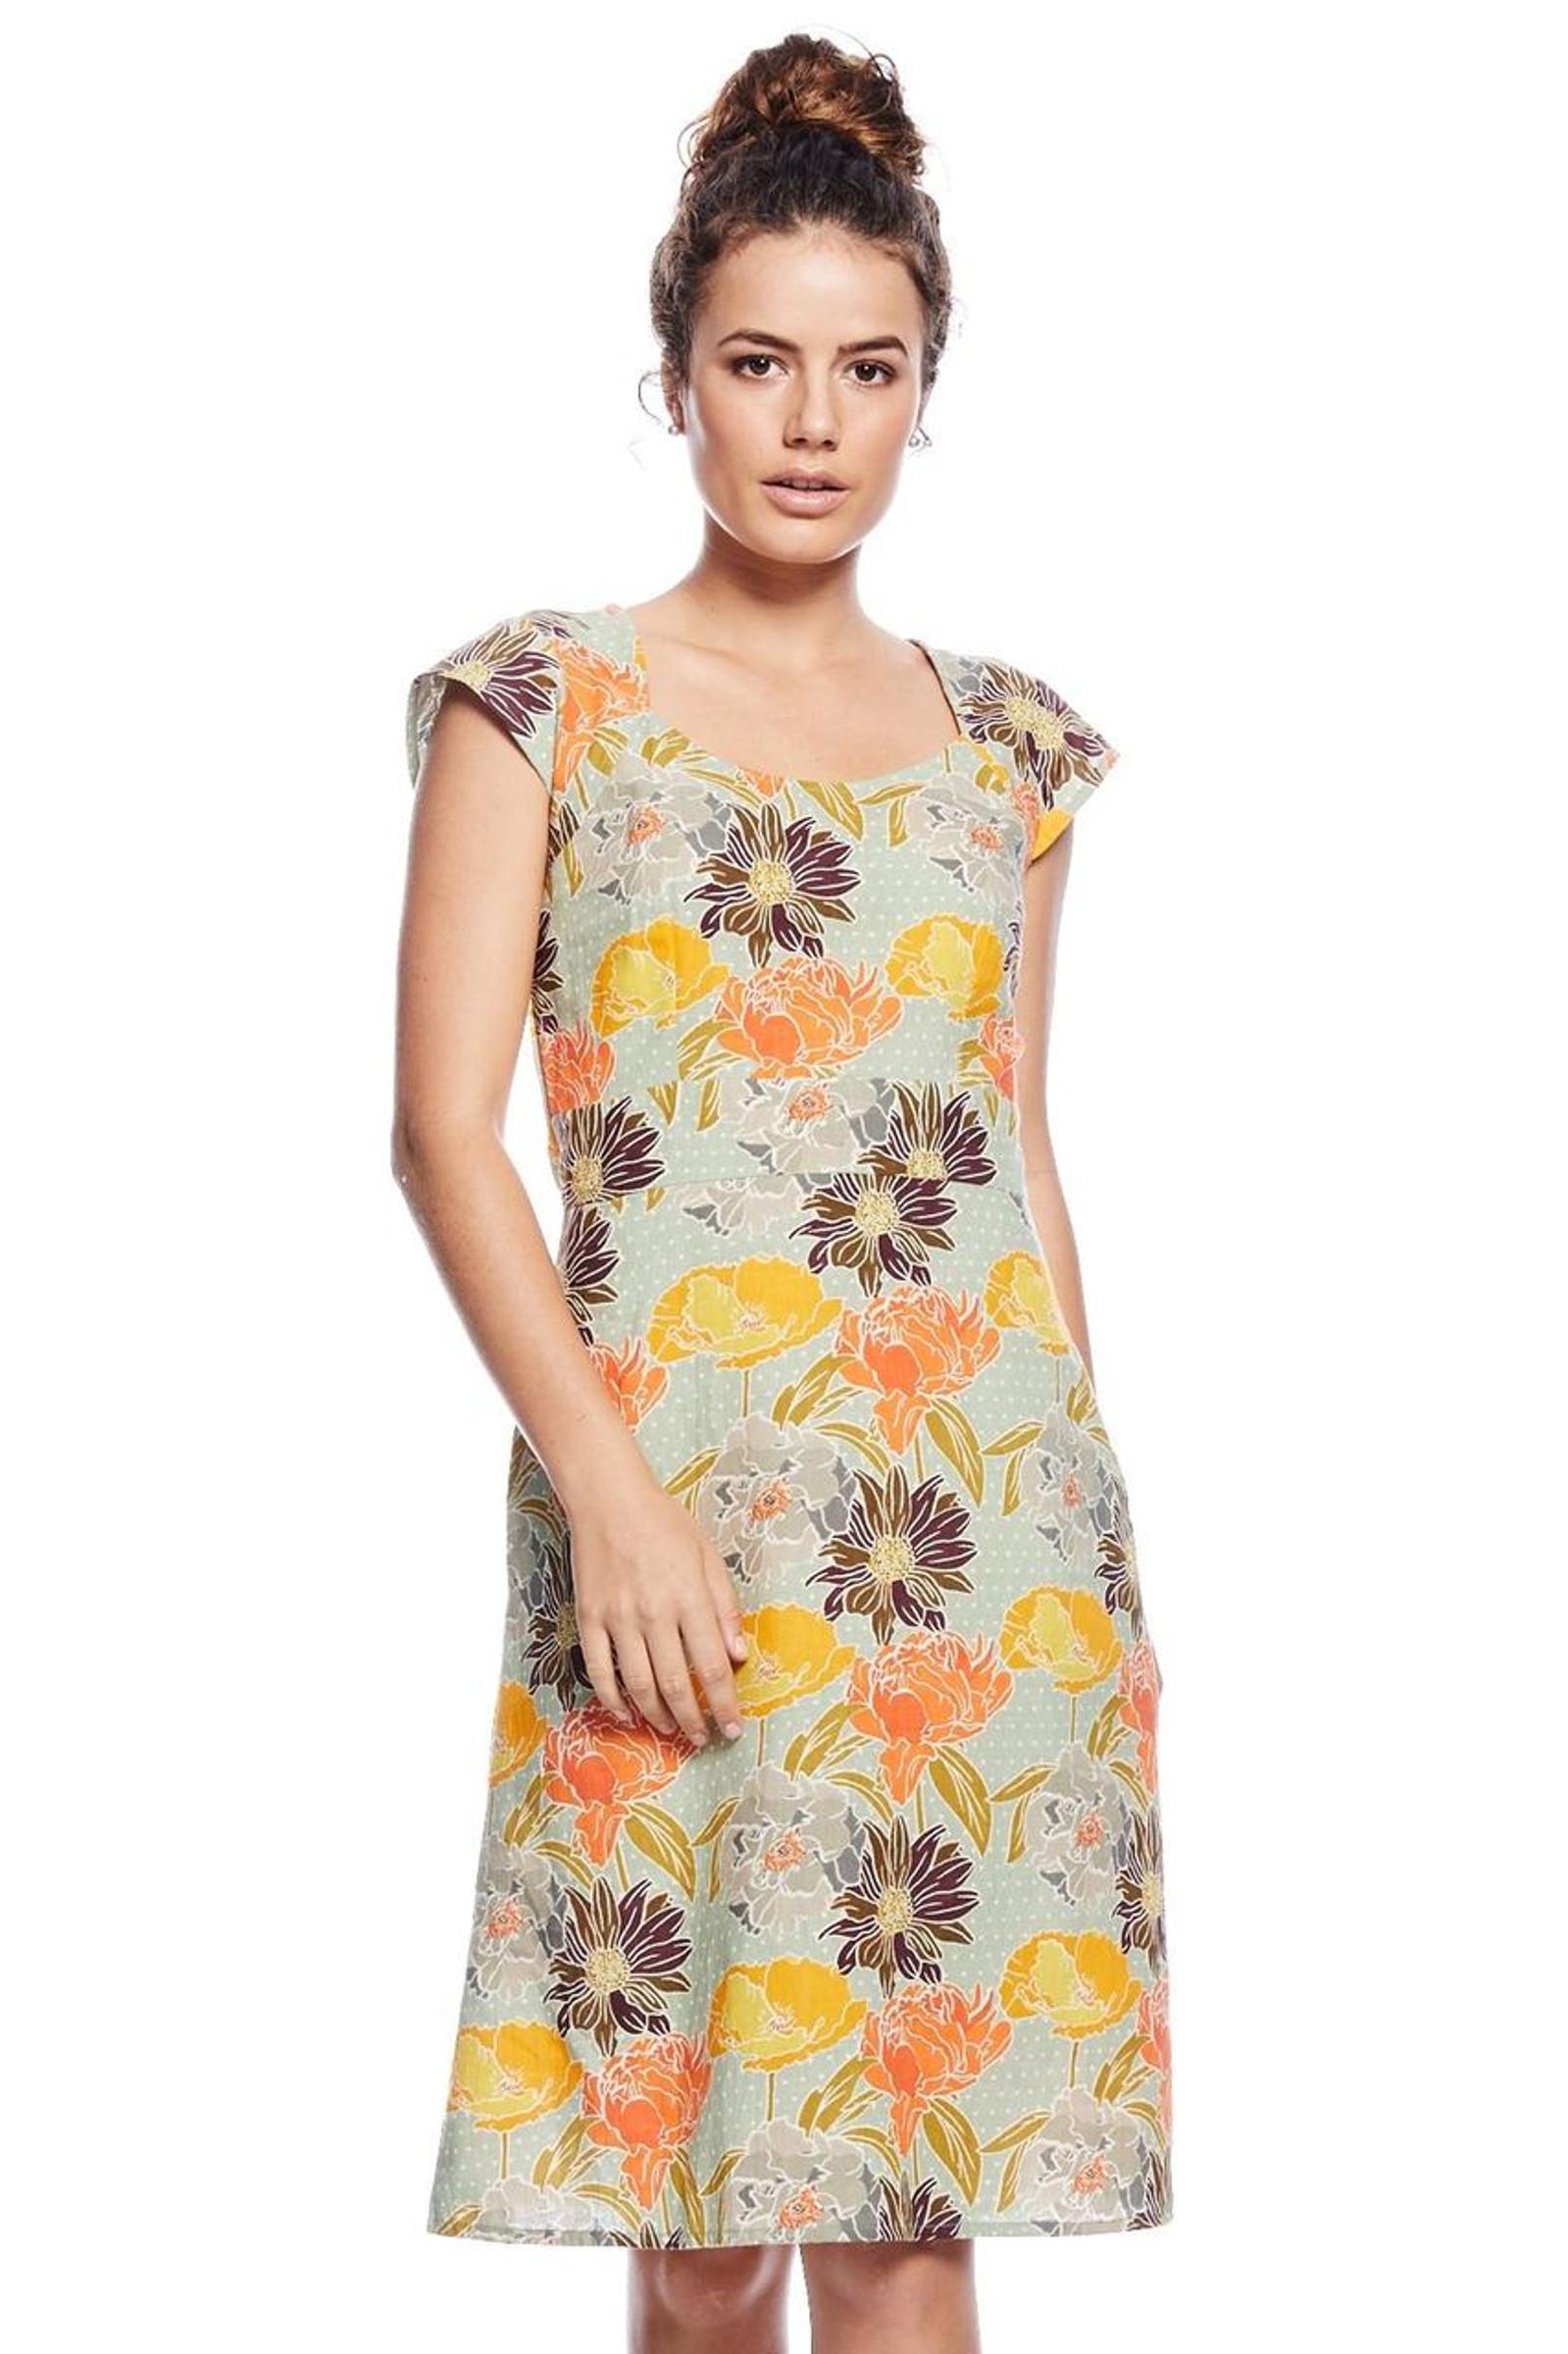 Elsy Dress - Meadow